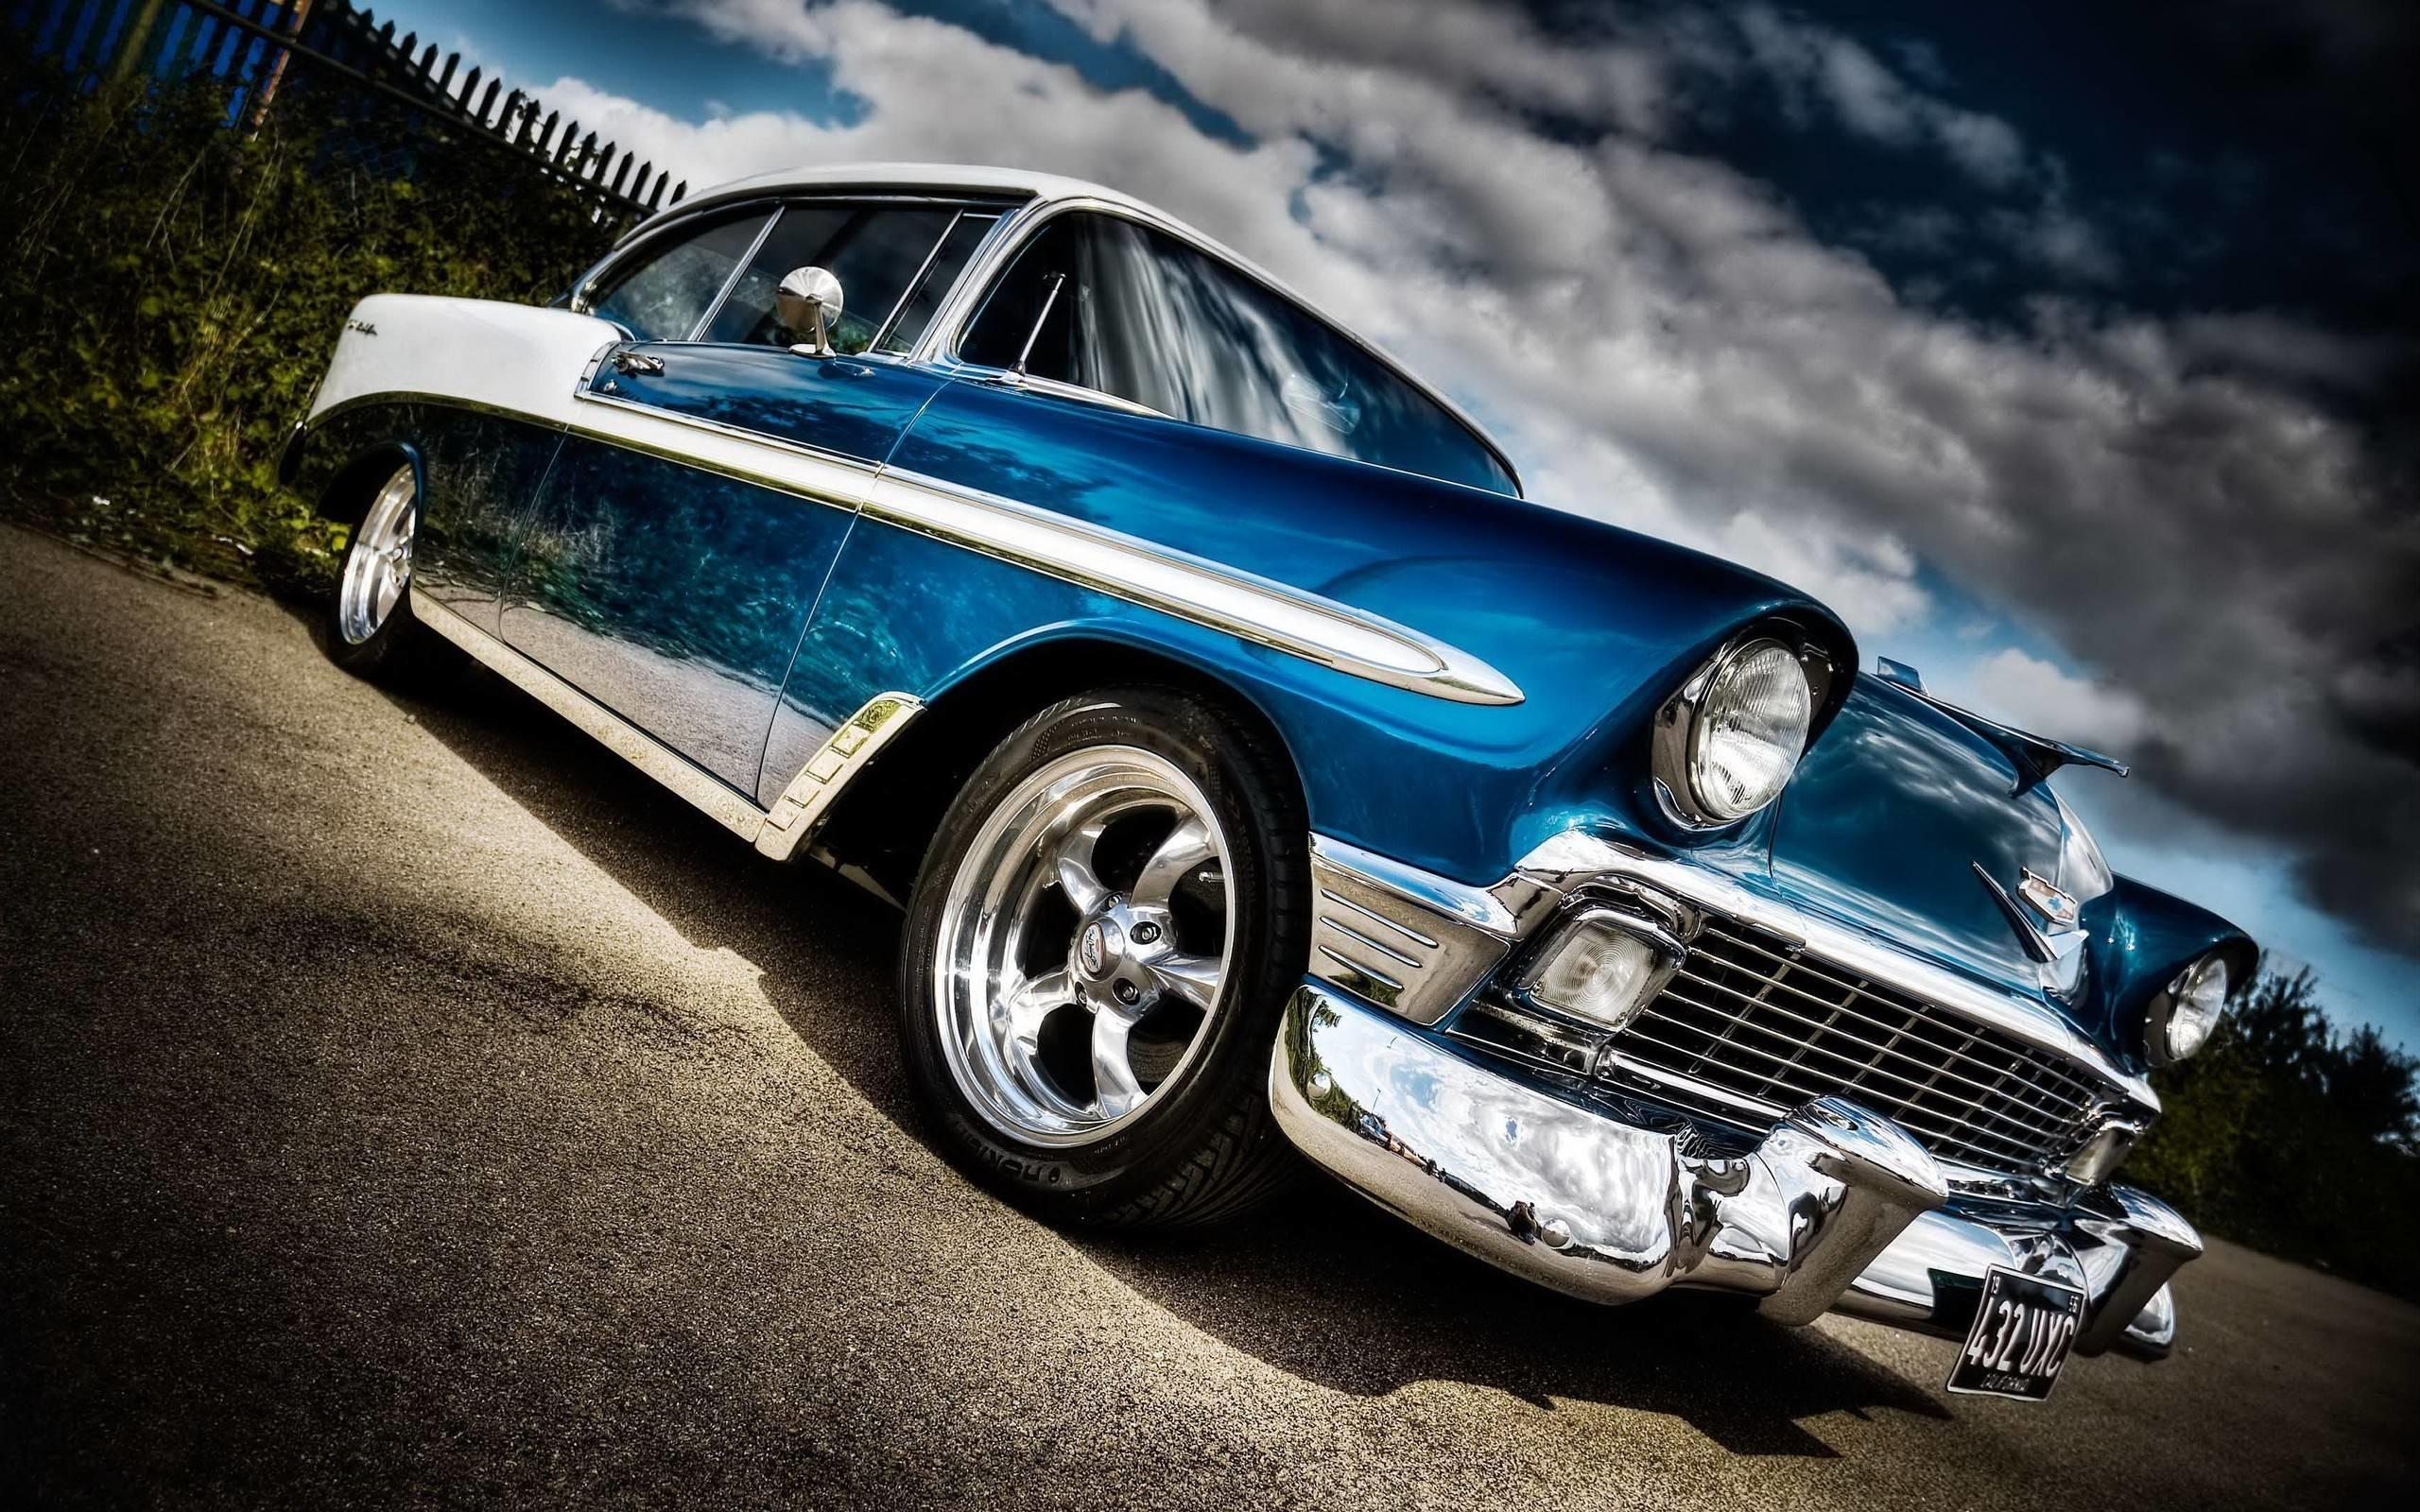 Cool Classic Car Wallpaper